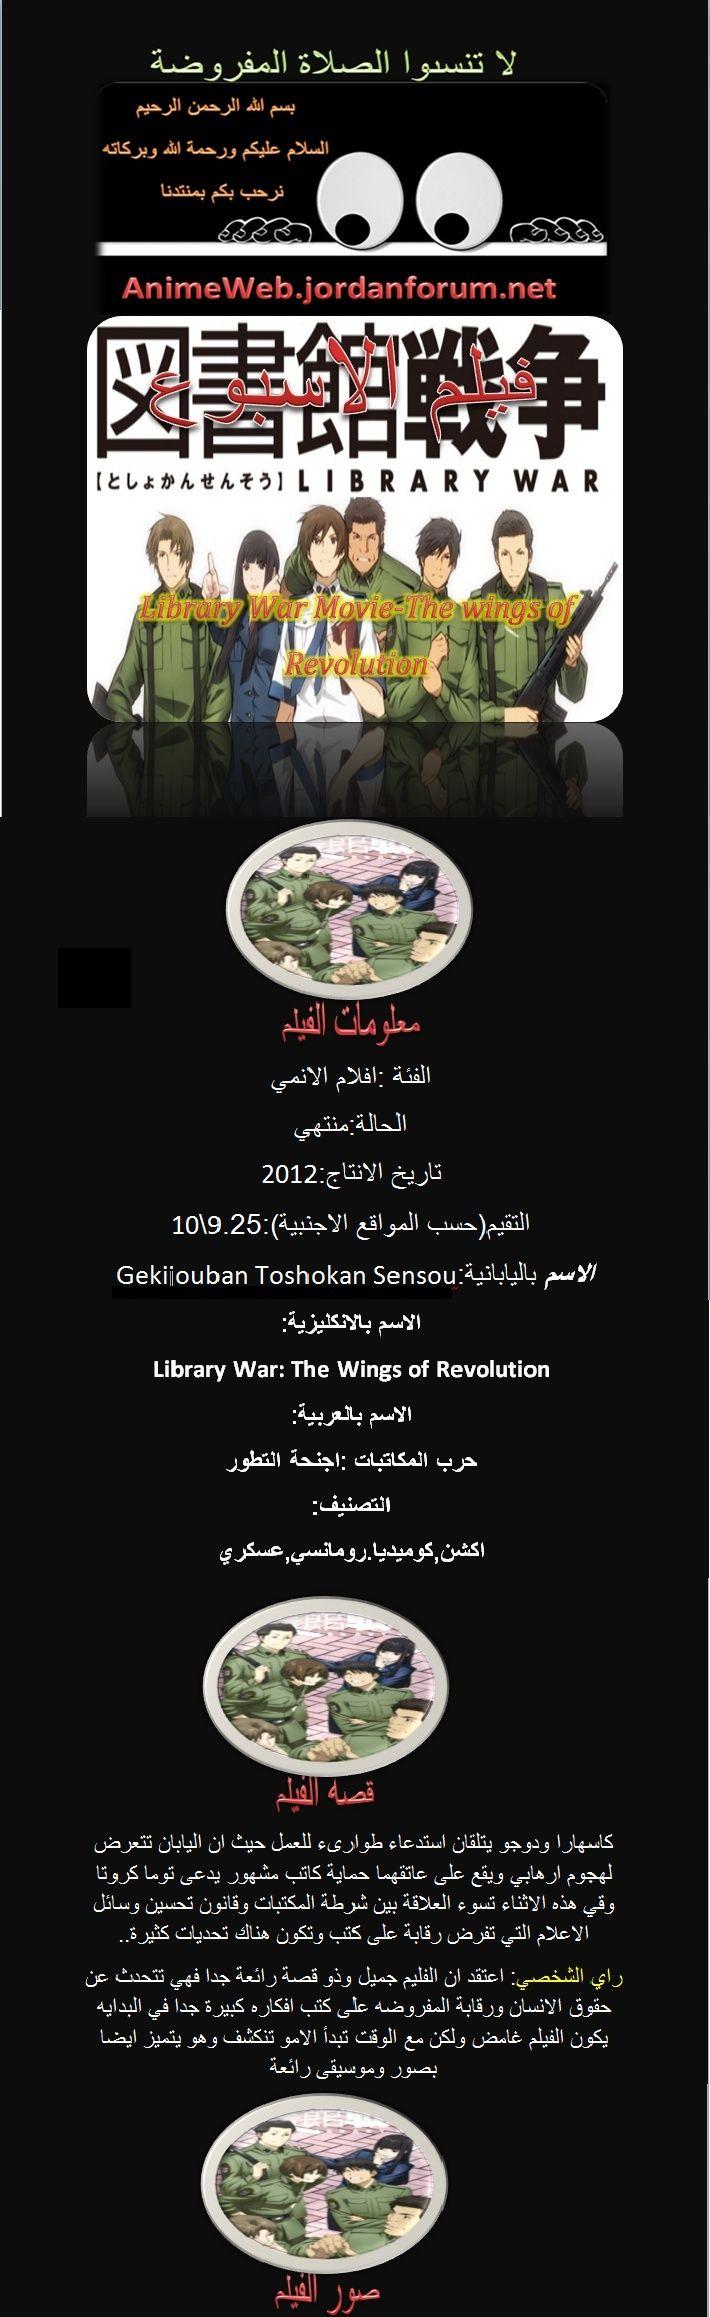 فيلم حرب المكتبات :Library War Movie-The wings of Revolution مترجم Lbary_10